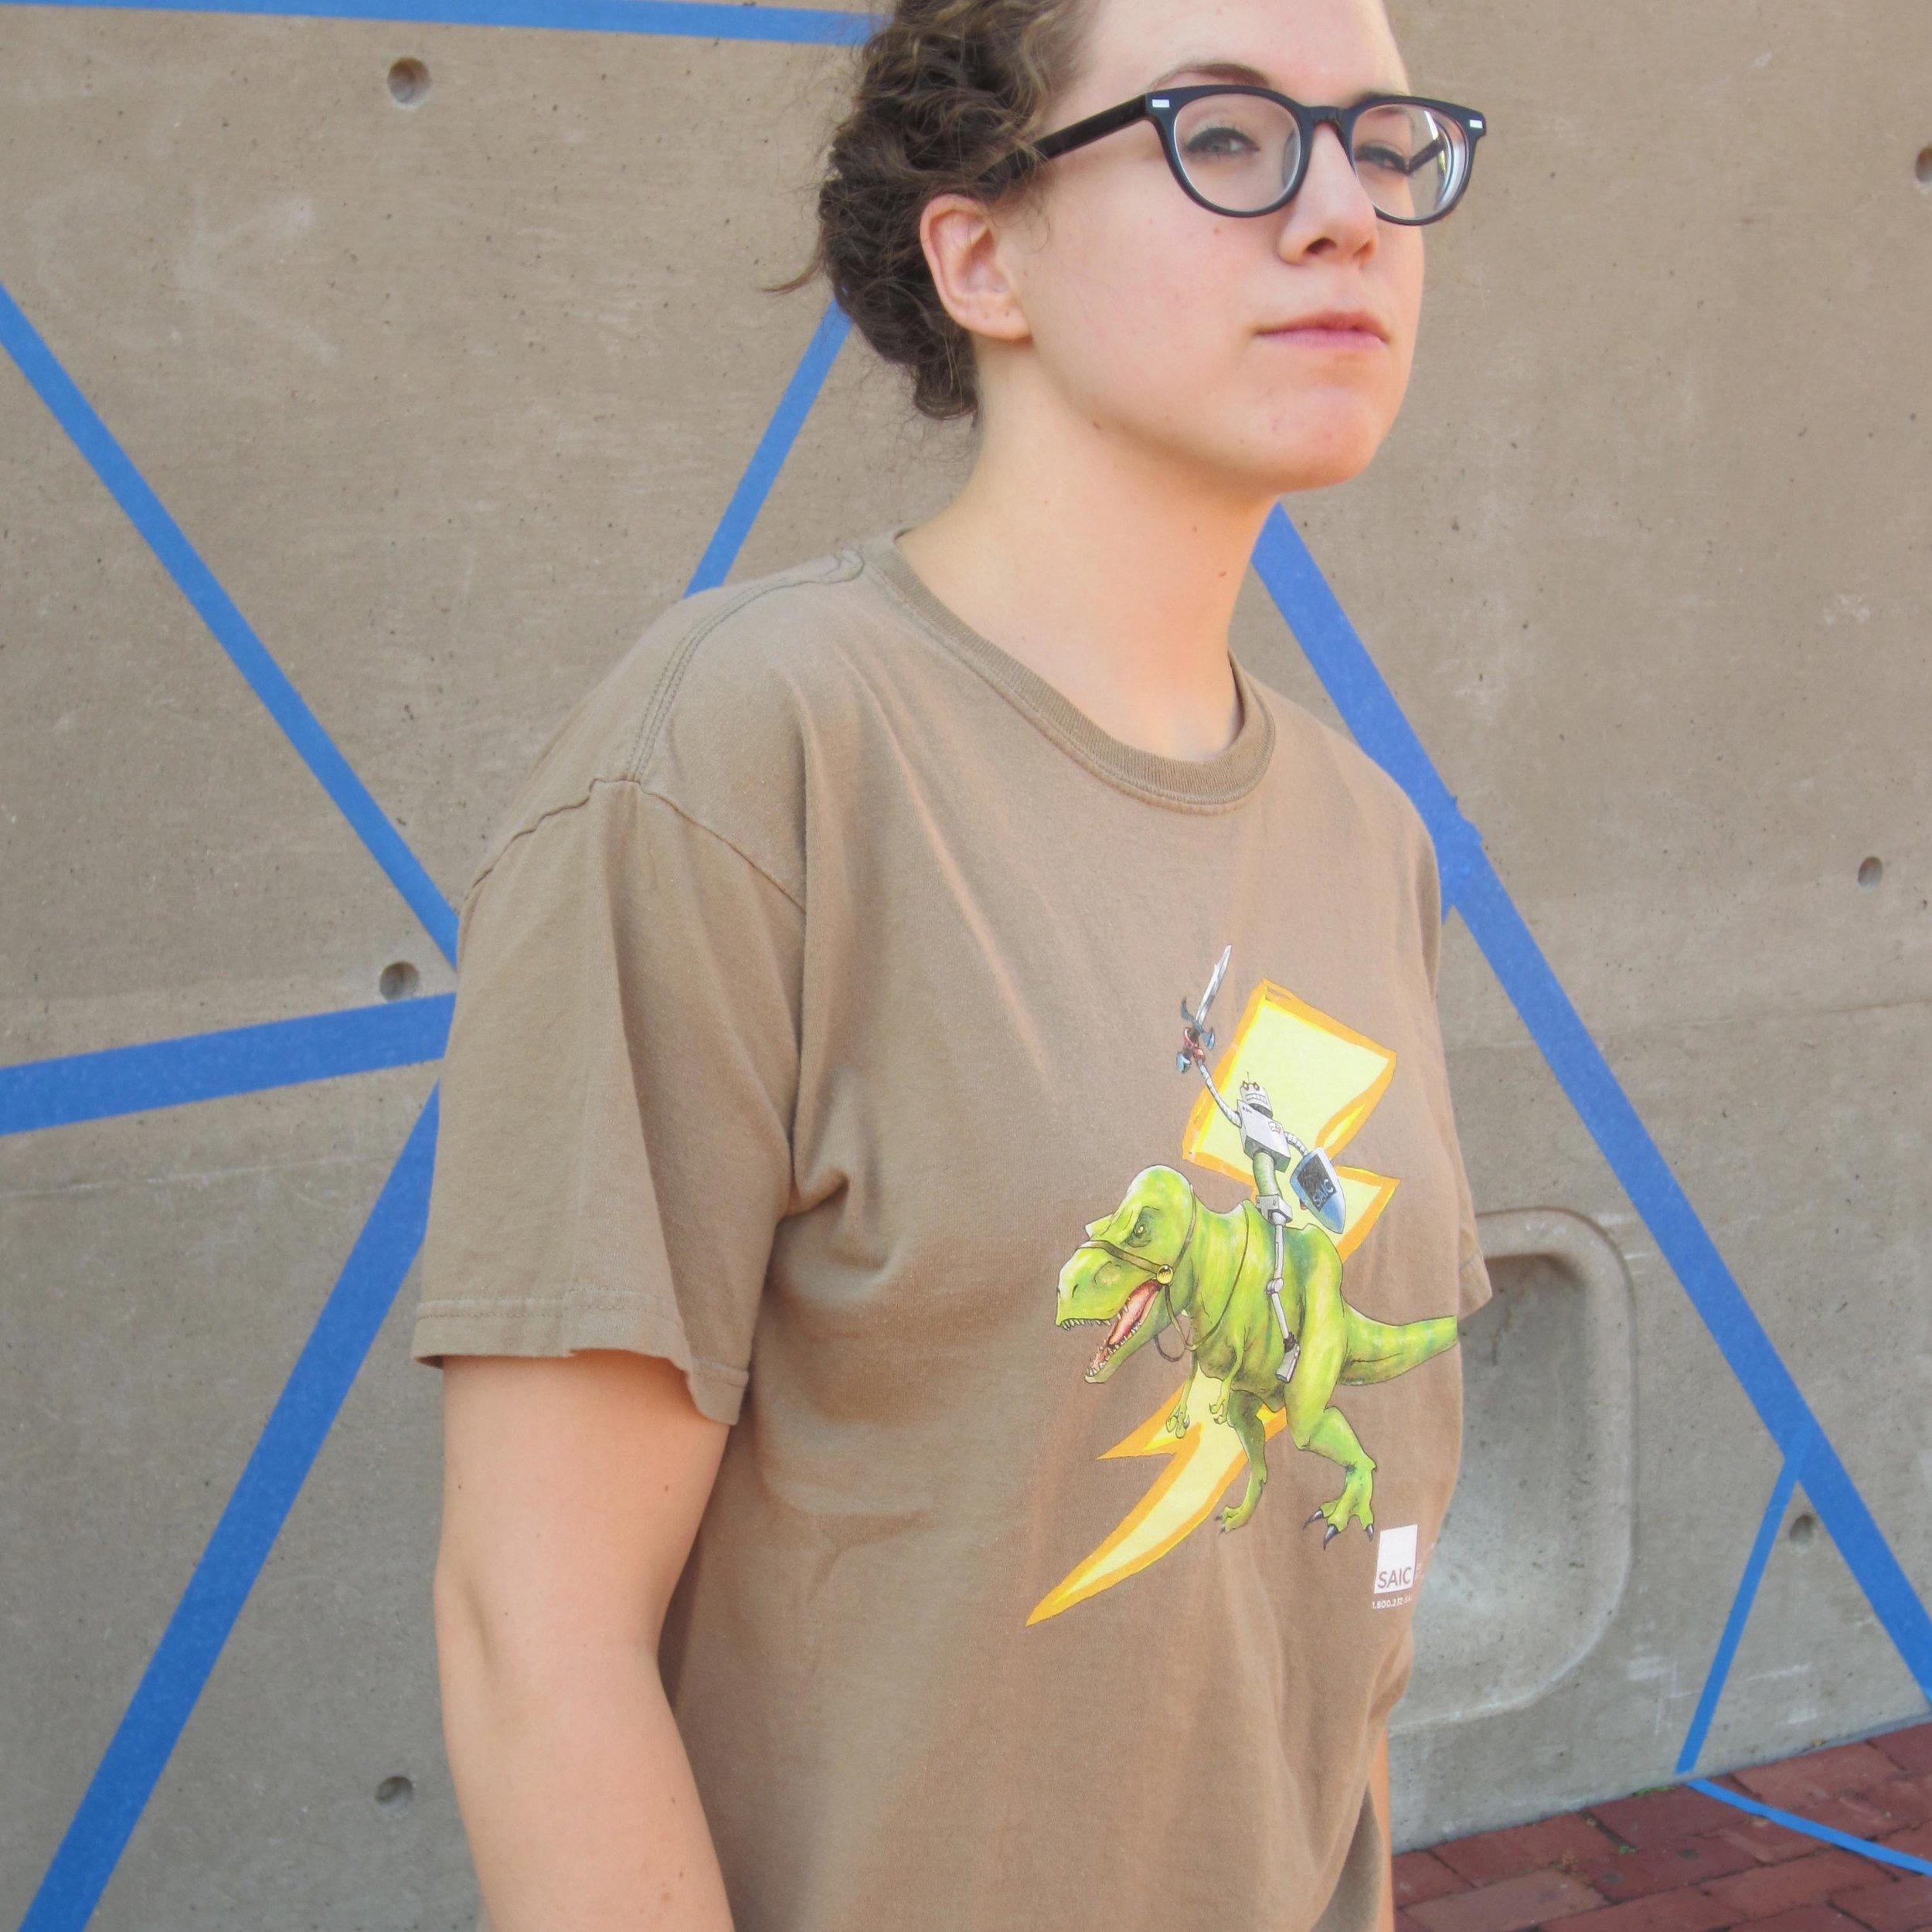 Rex Rider Shirt (modeled)